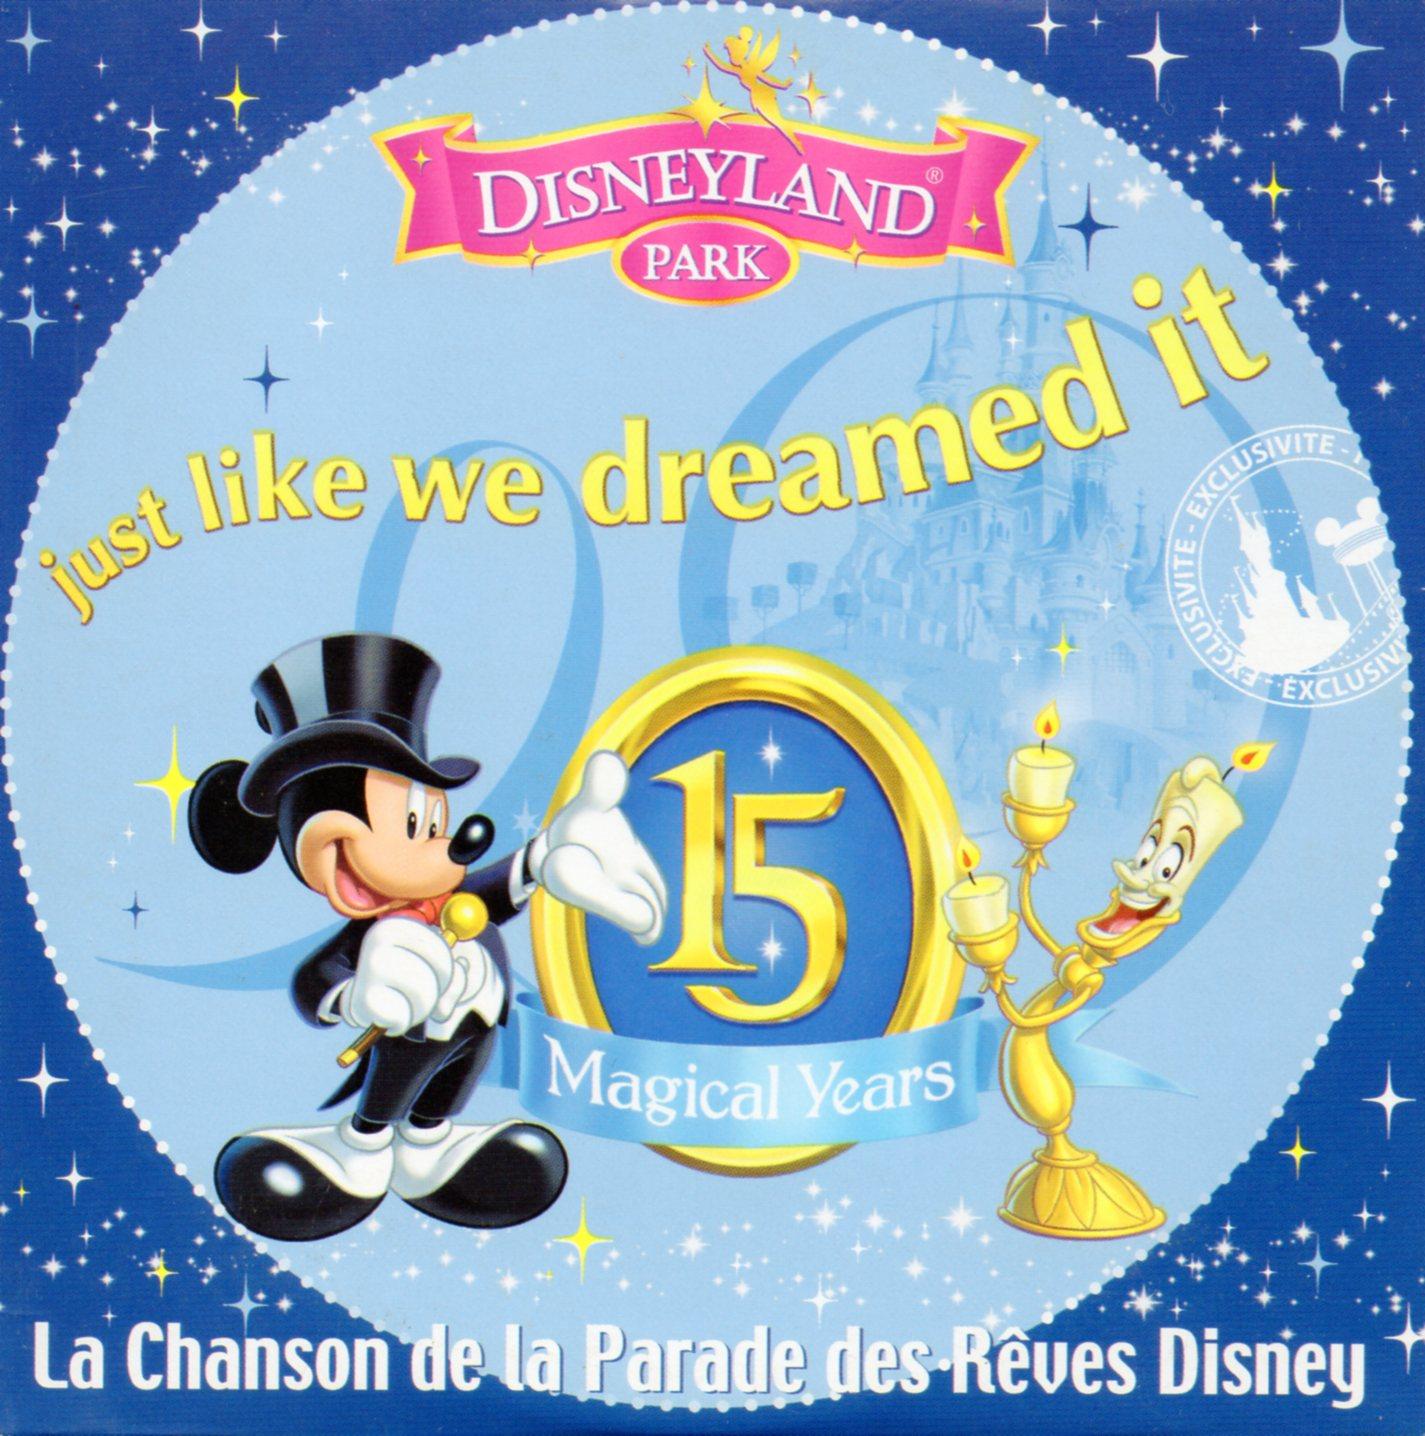 WALT DISNEY - Just like we dreamed it (La chanson de la parade des rêves Disney) 2-track CARD SLEEVE - CD single